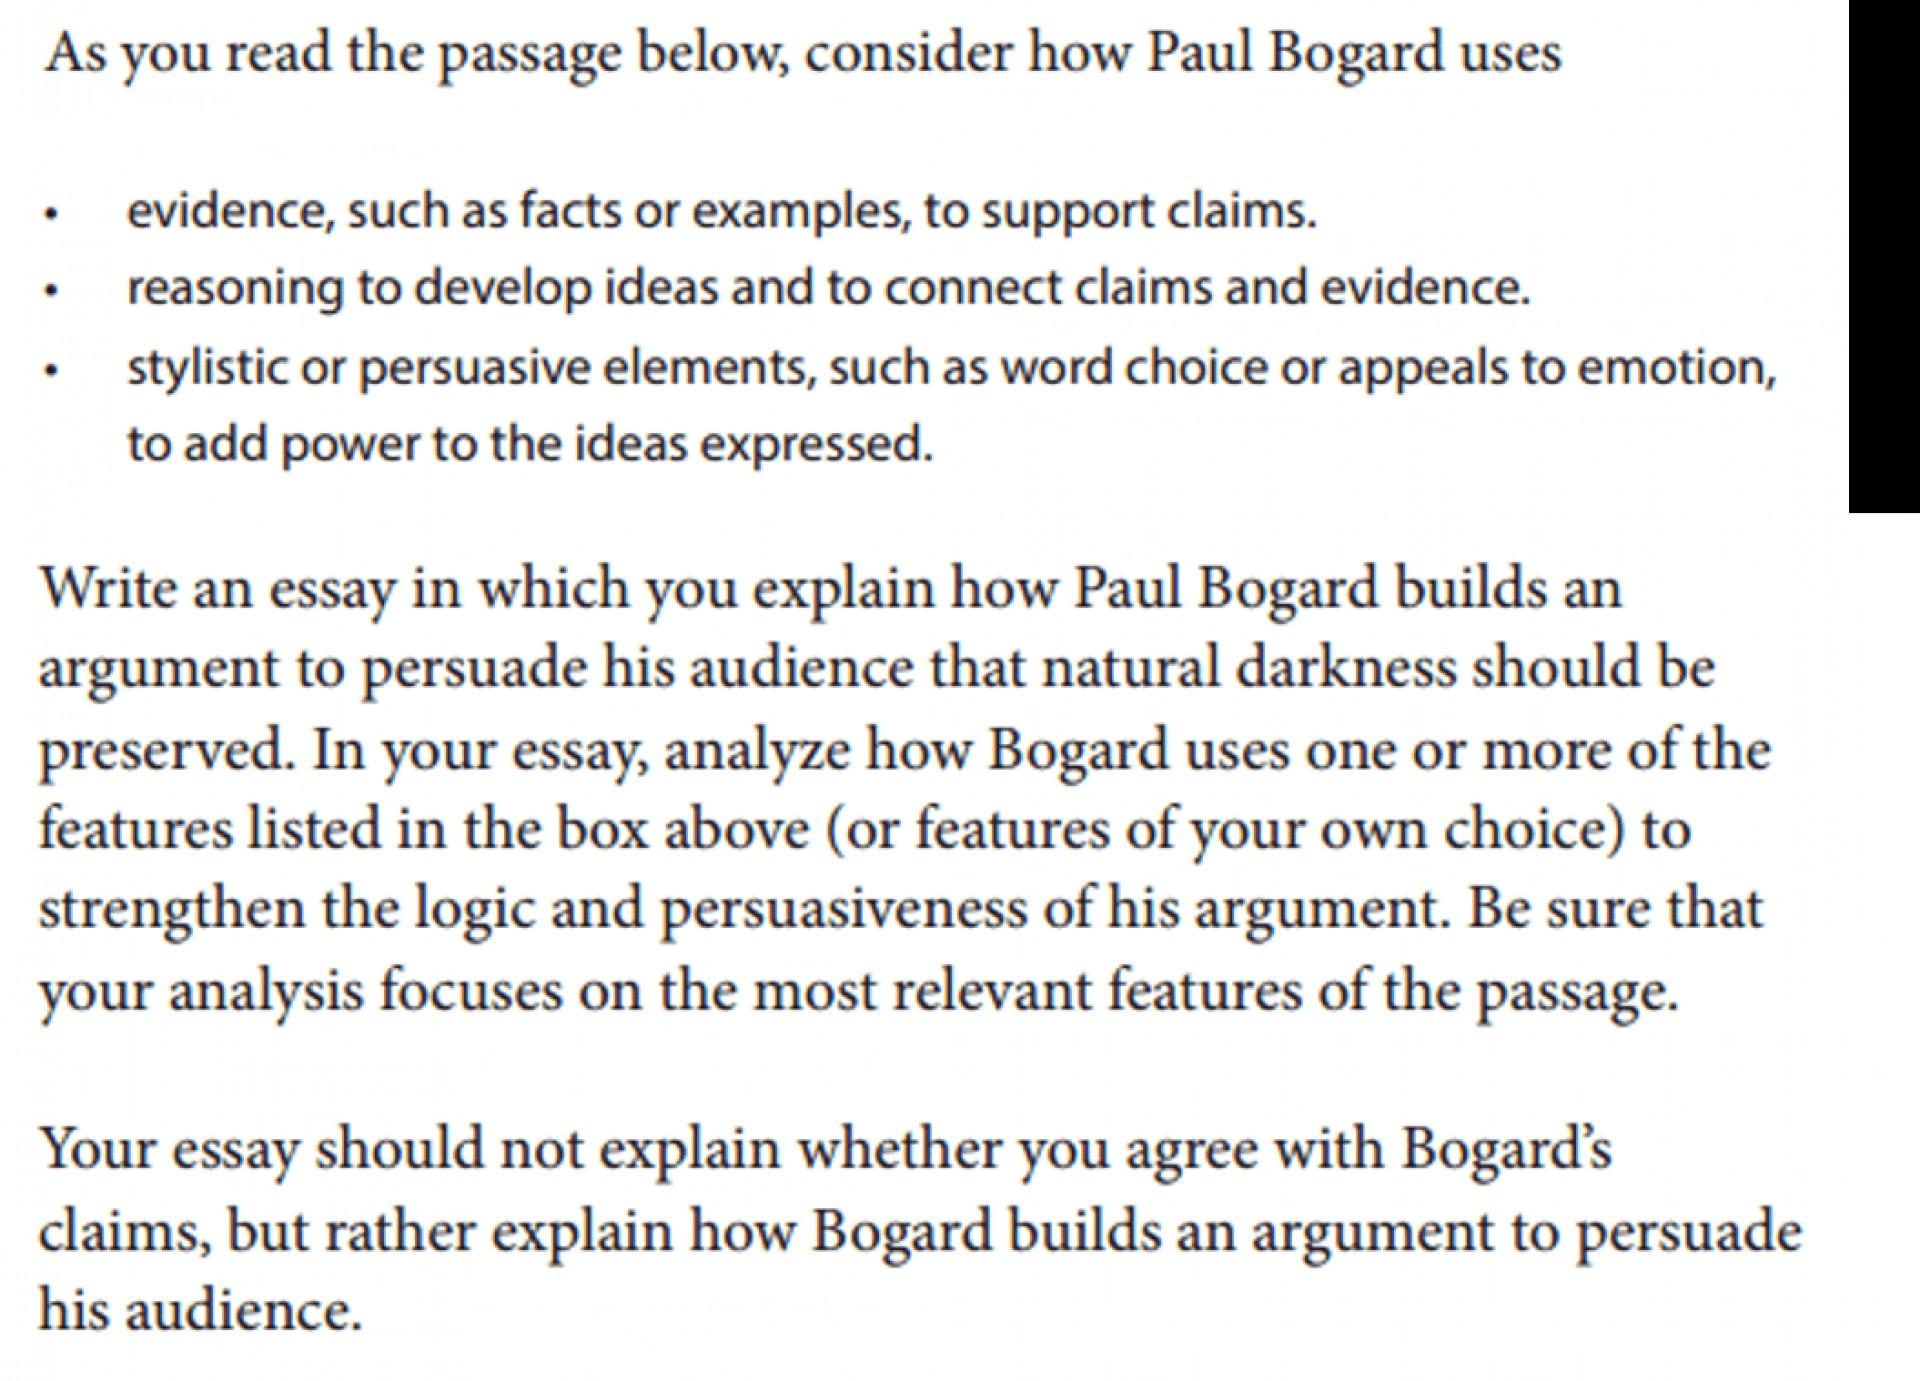 014 Essay Example Argumentative Topics Surprising 2016 1920